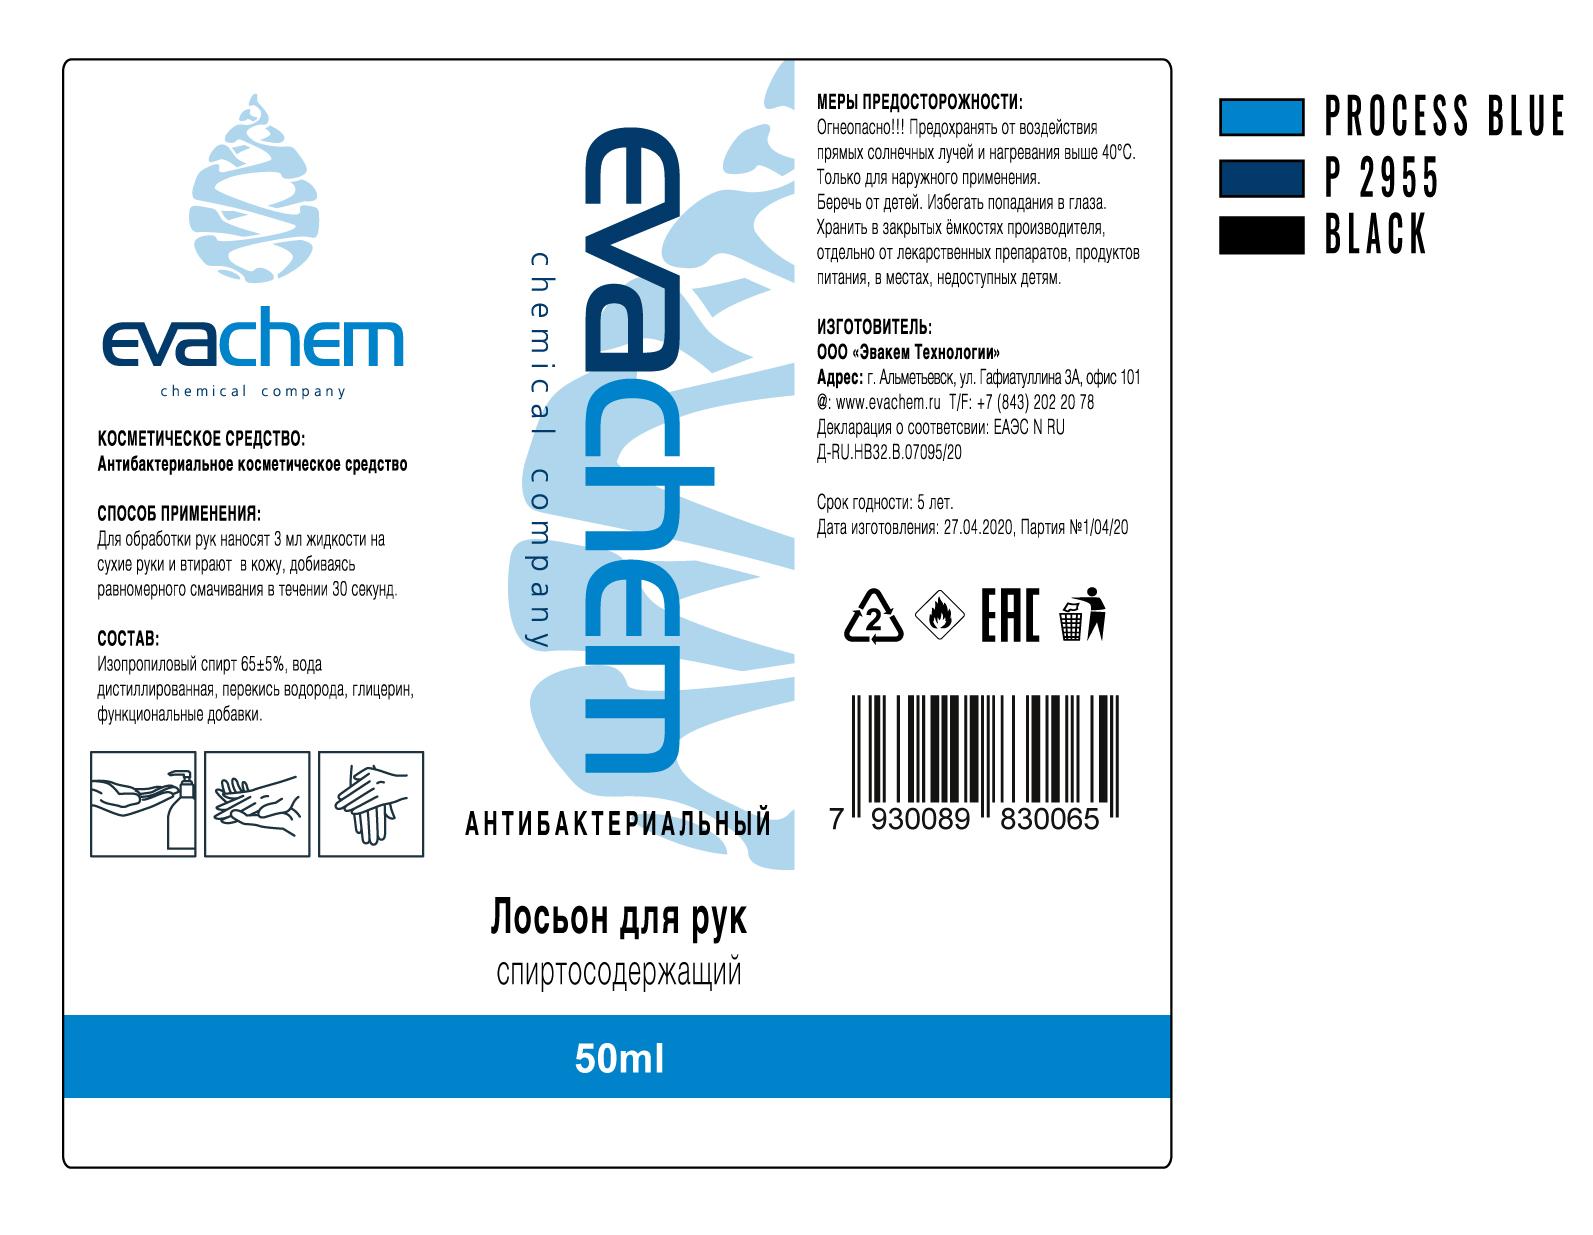 Доработать этикетку кожного антисептика фото f_8315eb13eb539105.jpg